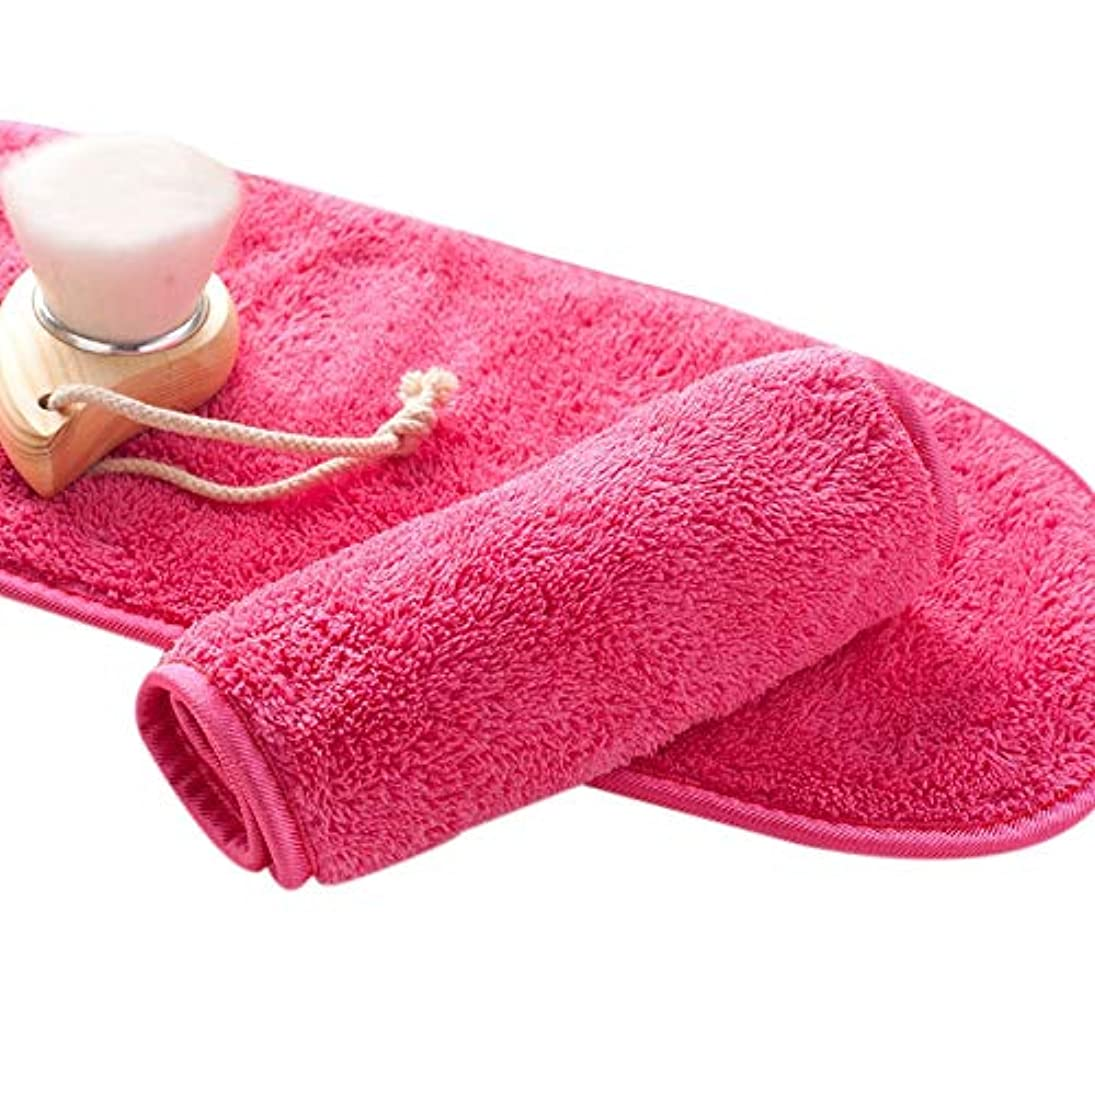 改善段落バスNrpfell ナチュラル抗菌保護 メイク落とし クレンジング美容ウォッシュツール 再利用可能なマイクロファイバーのフェイシャルクロス 顔用タオル